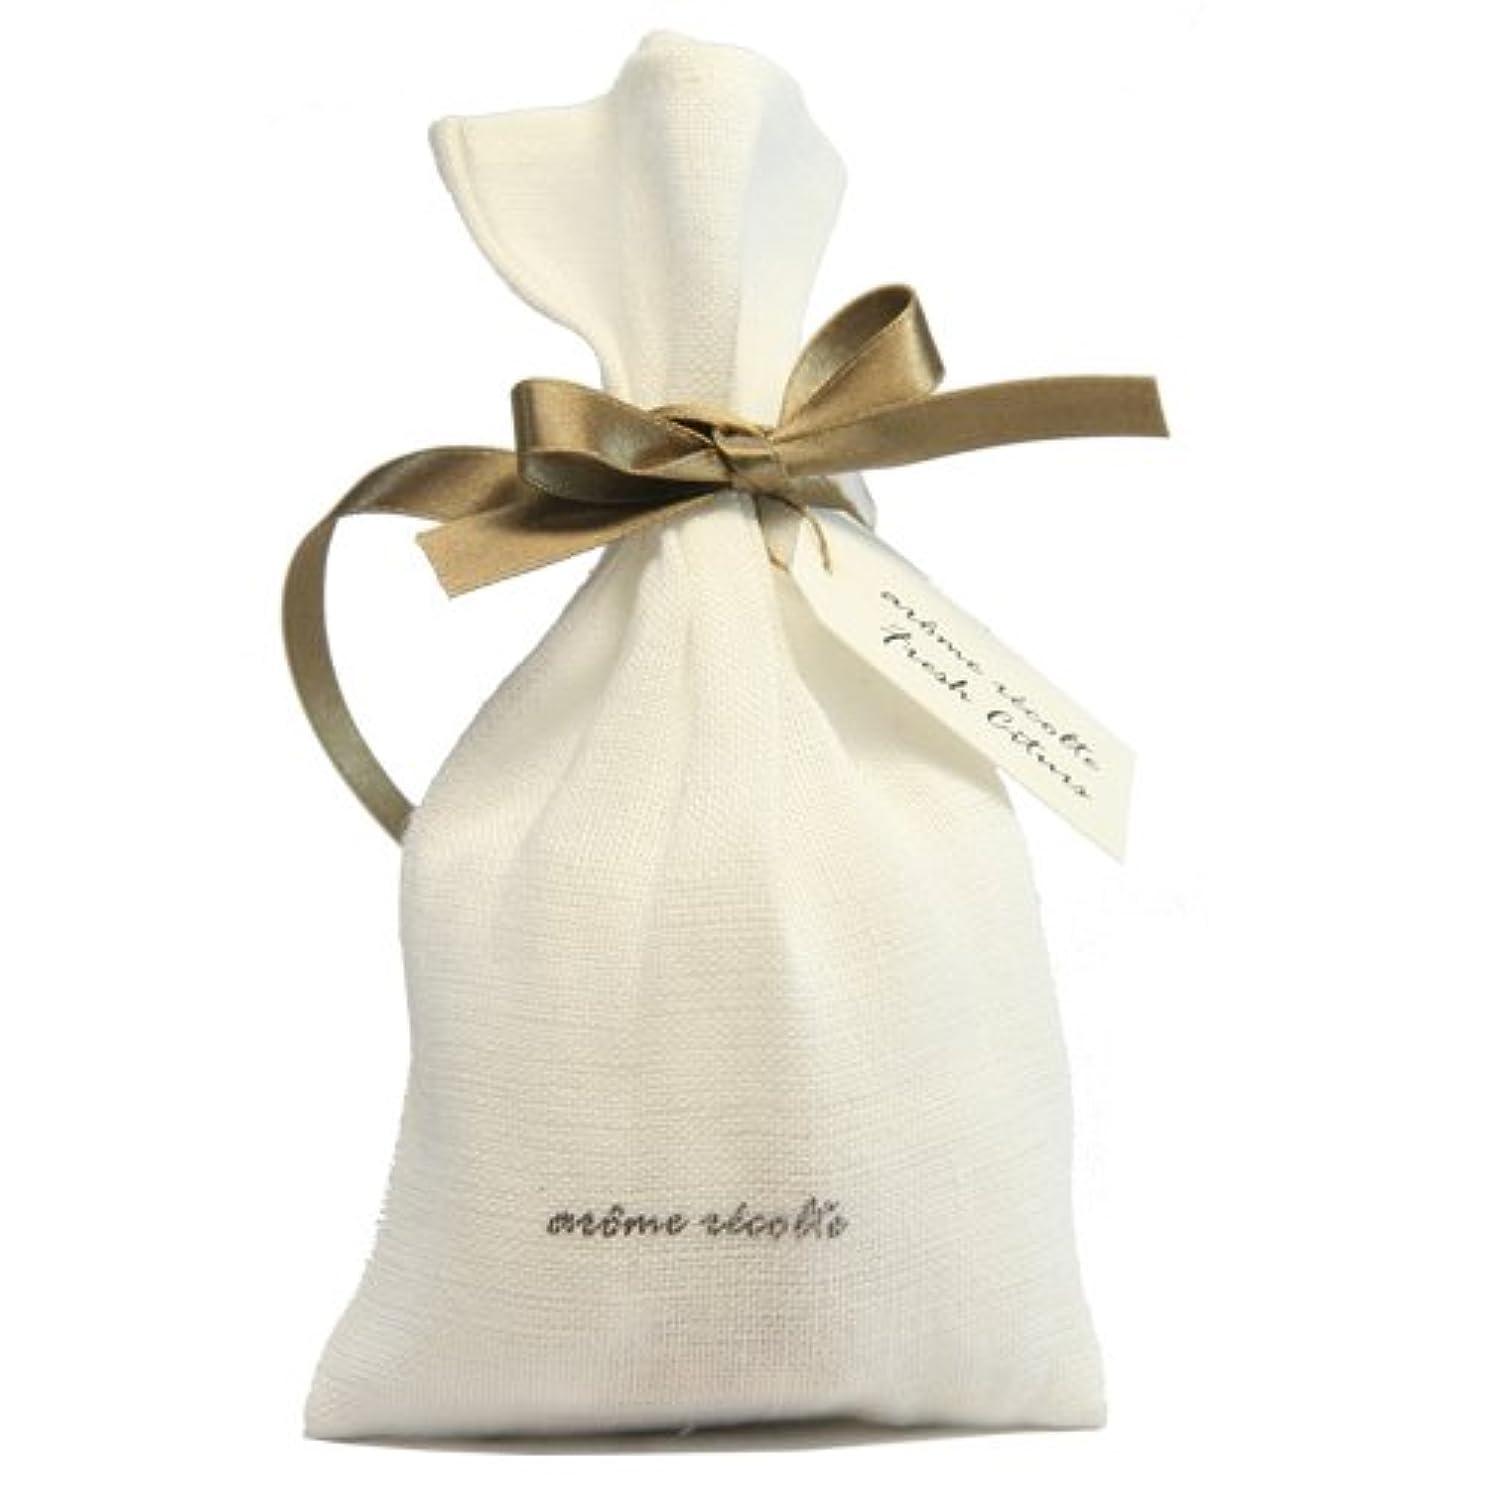 デュアル嵐存在するアロマレコルト ナチュラルサシェ(香り袋) フレッシュシトラス【Fresh Citurs】 arome rcolte